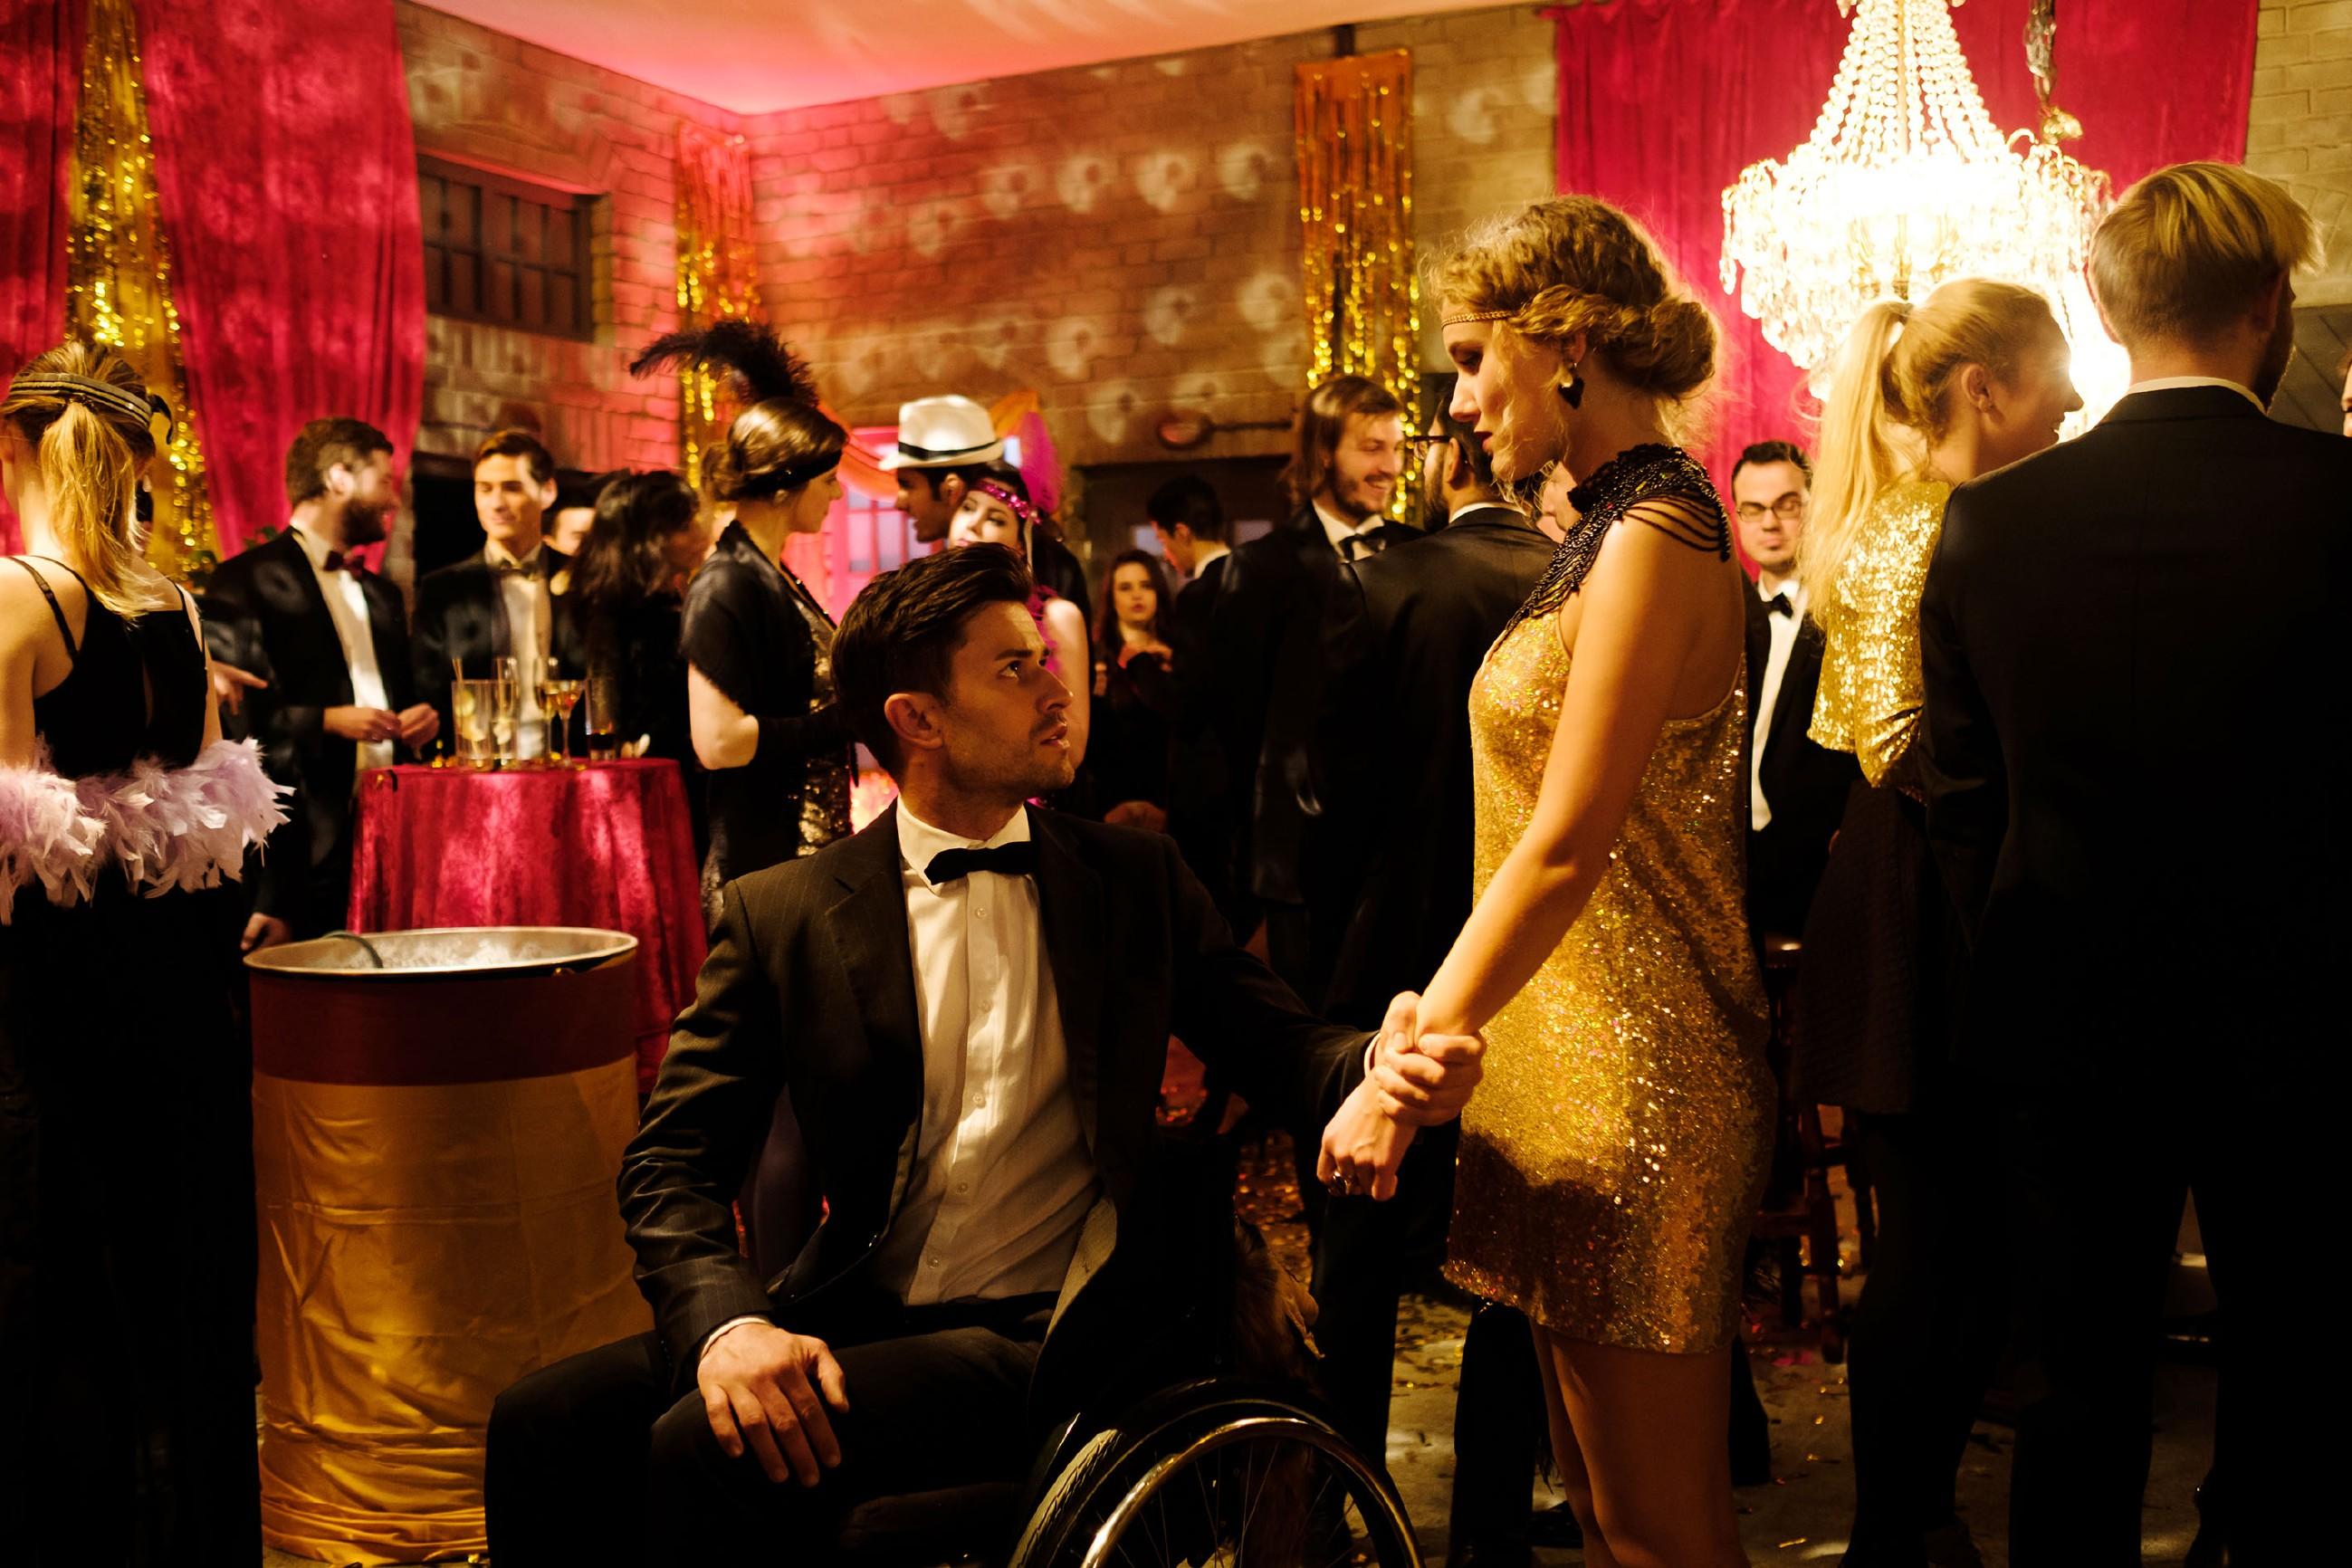 Auf der Party stellt Paco (Milos Vukovic, vorne l.) stellt perplex fest, dass Elli Recht hatte und KayC (Pauline Angert, vorne r.) in ihn verliebt ist... (Quelle: RTL / Stefan Behrens)